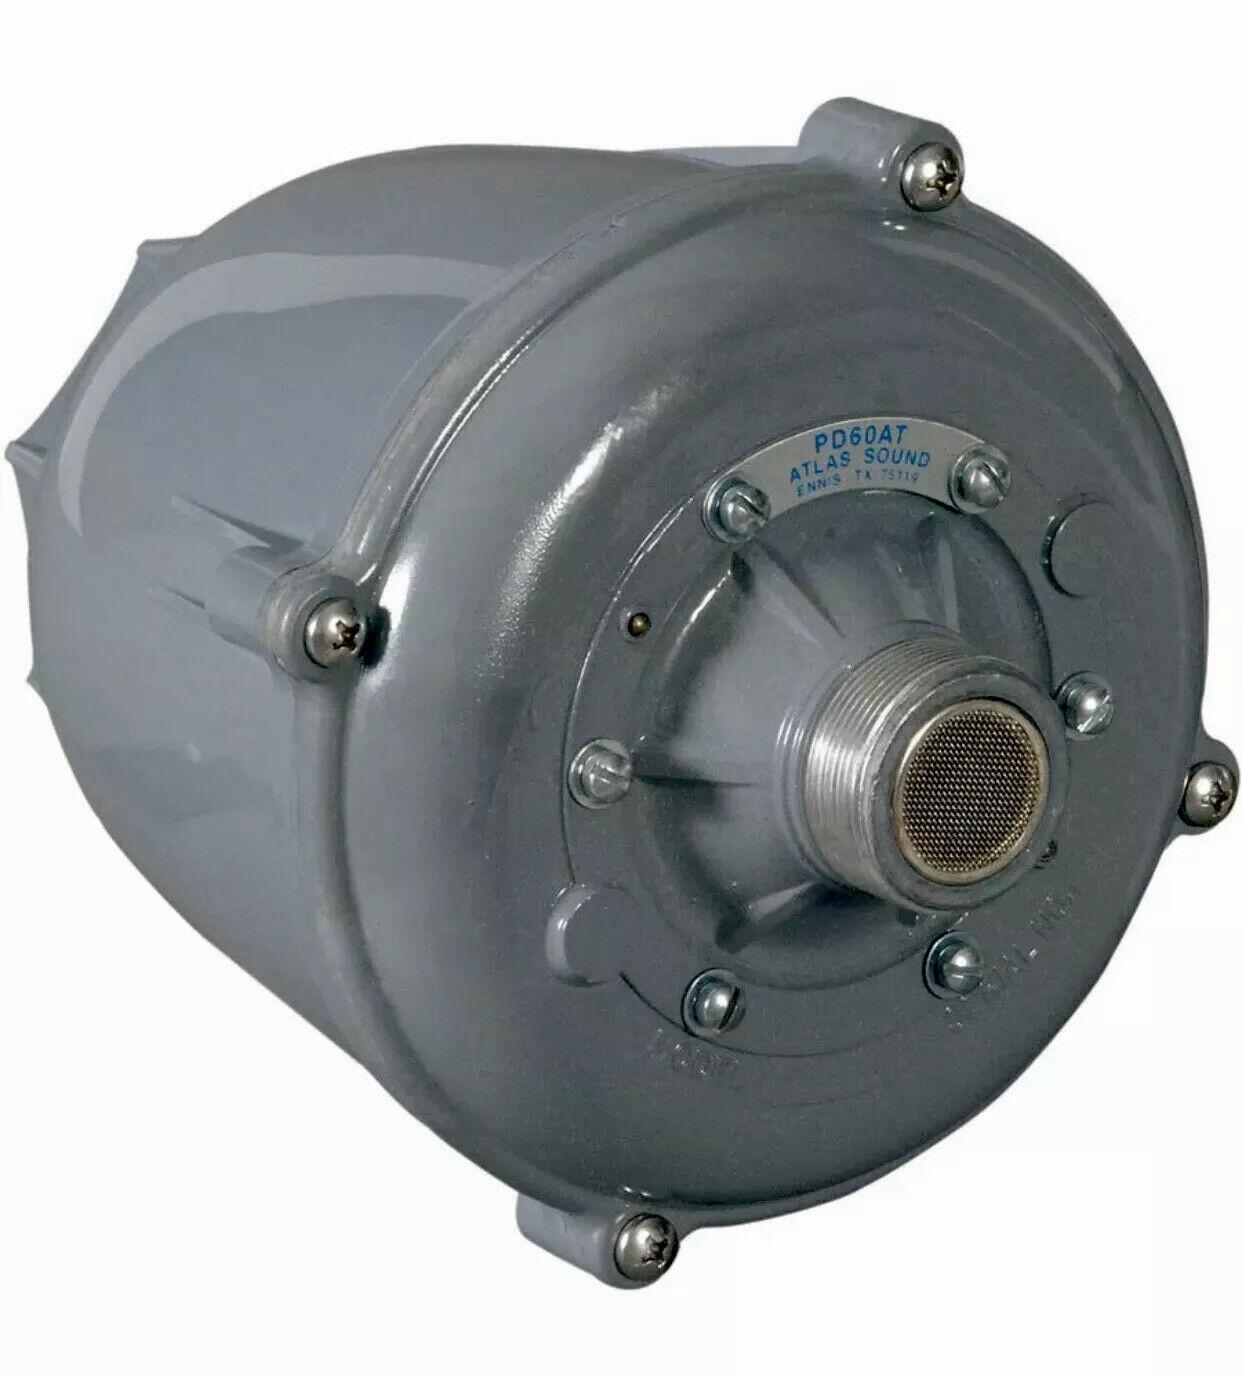 Atlas Sound PD60AT 60W 70V Compression Driver for large format Horn Speaker 300$